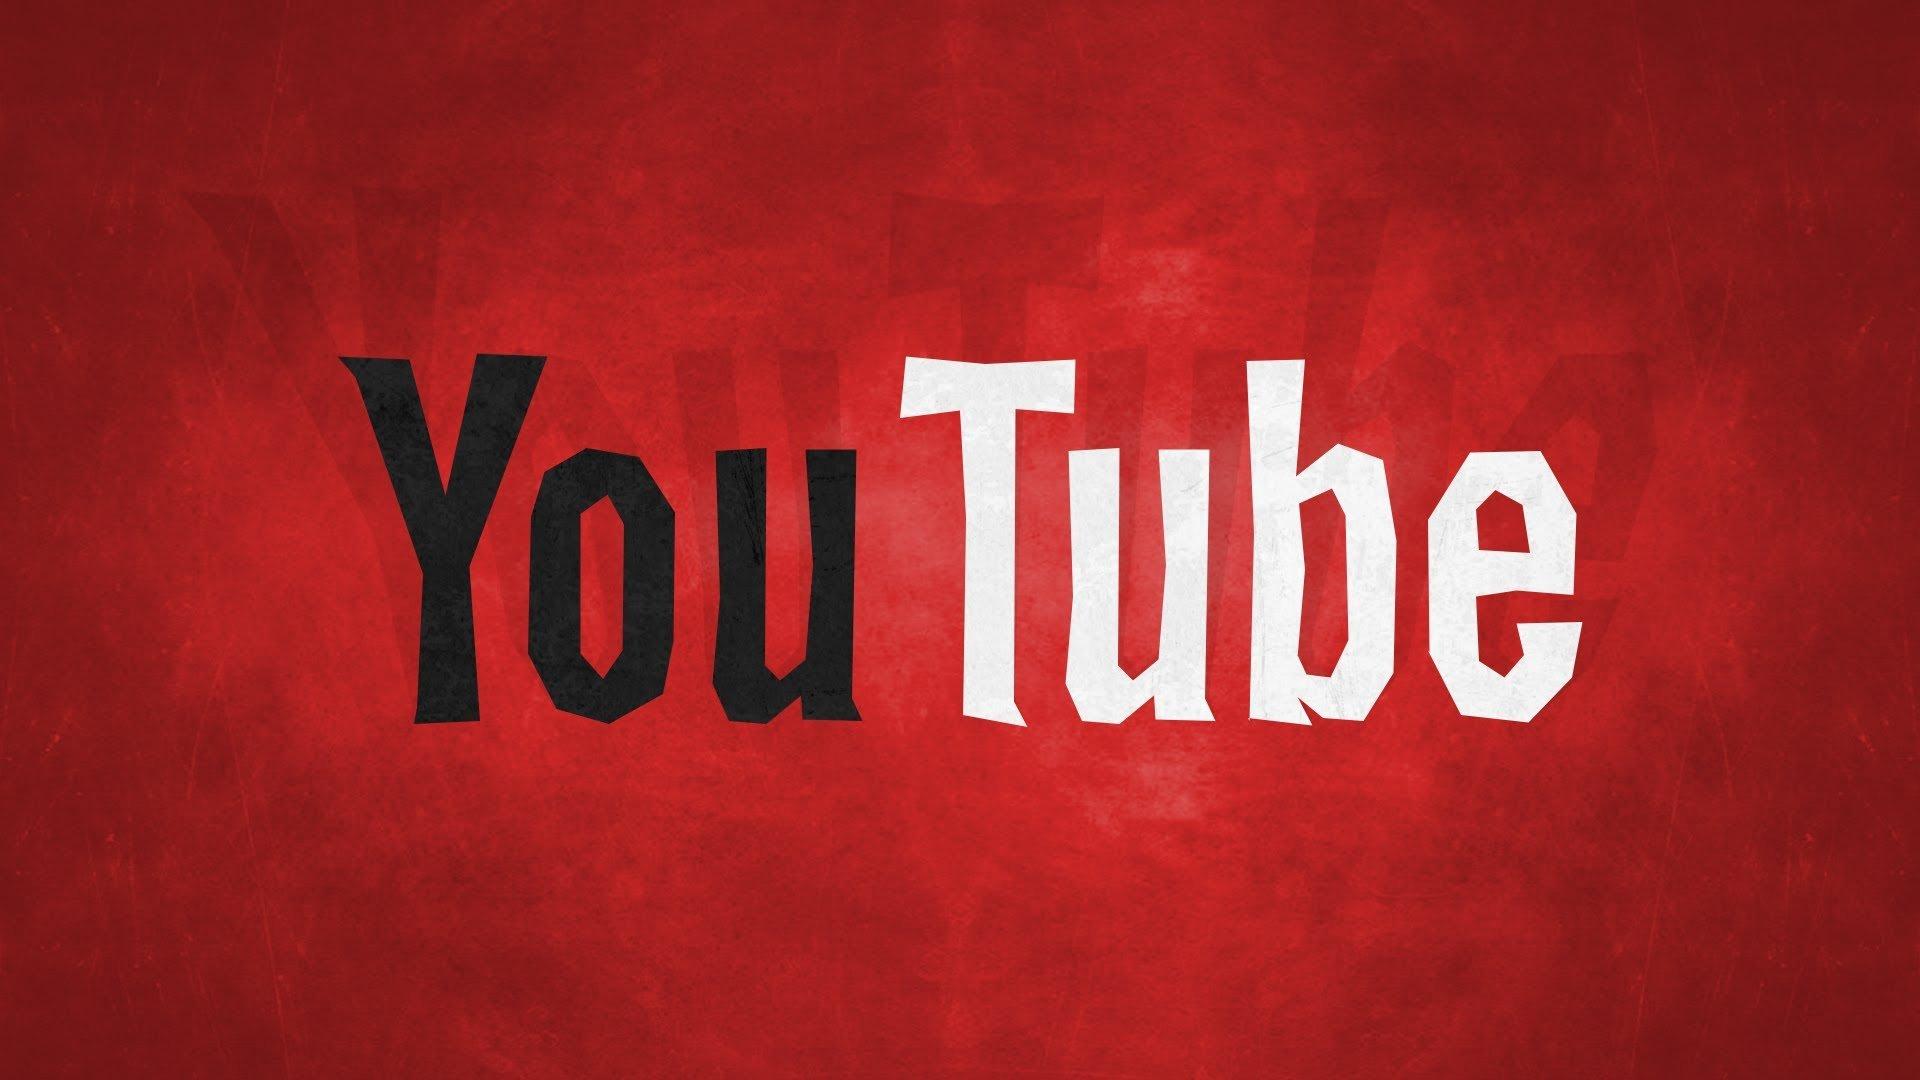 ПК-версия YouTube тестирует закрытый режим «картинка вкартинке»